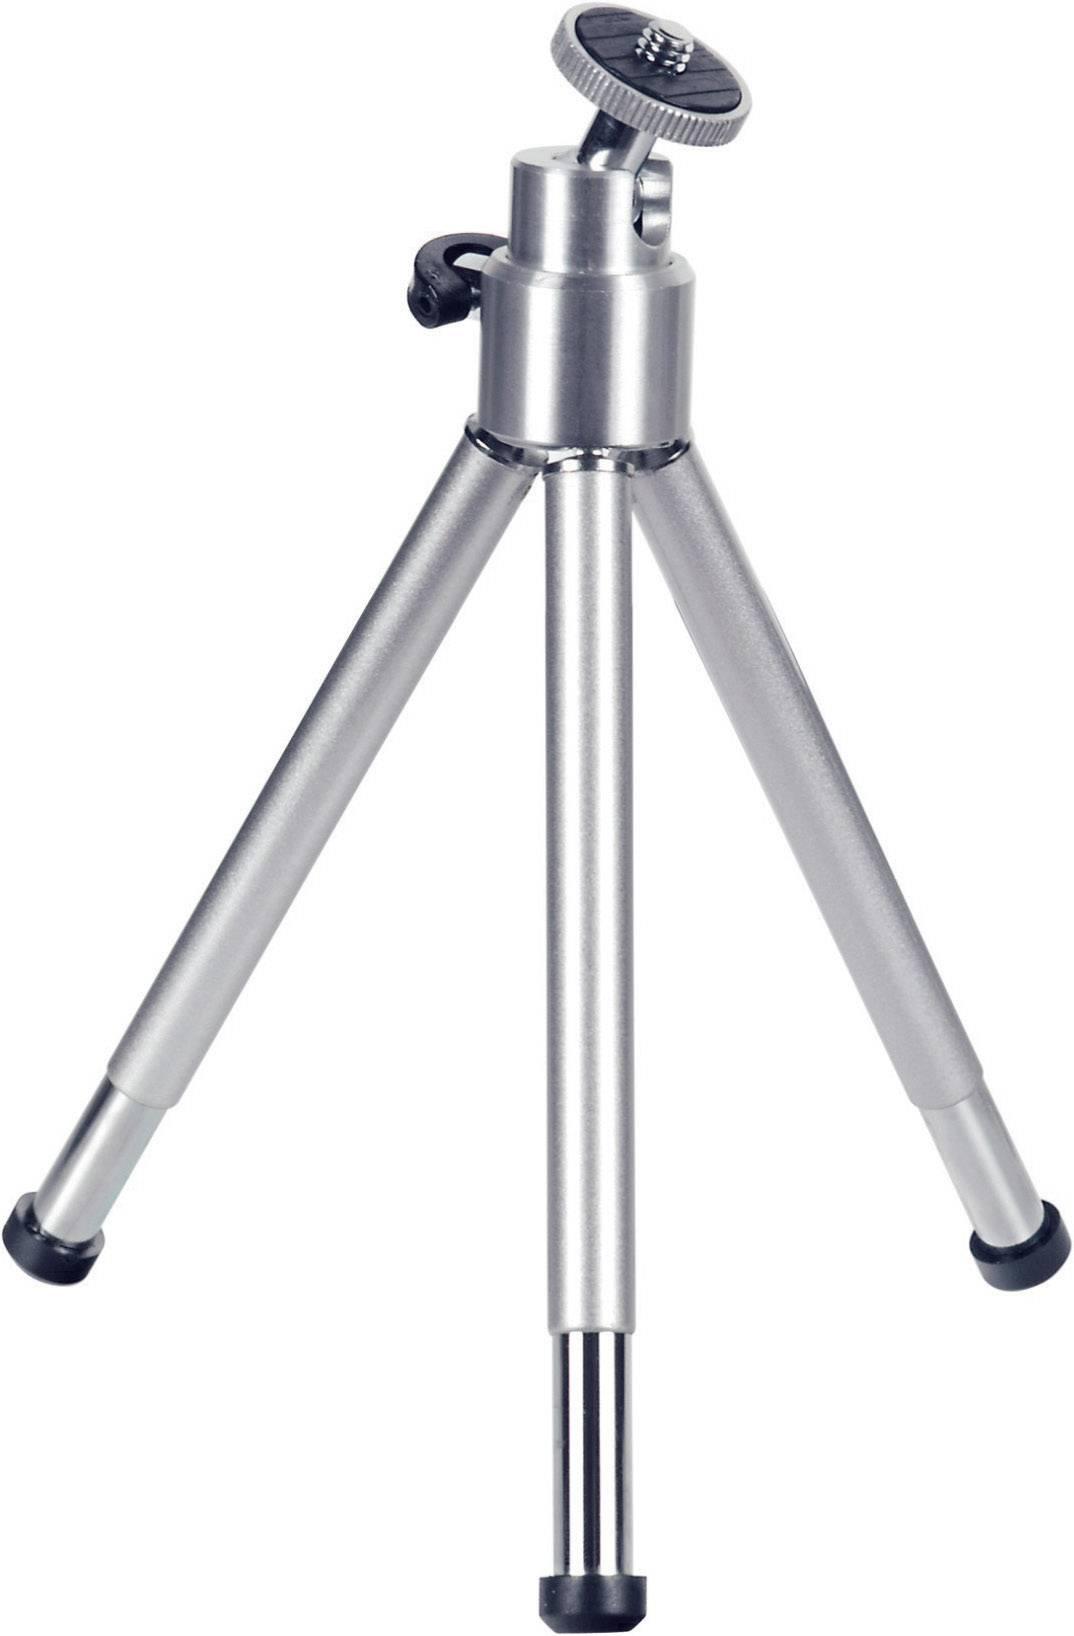 """Mini statív Hama 62004009, 1/4"""", min./max.výška 14 - 21 cm, strieborná"""